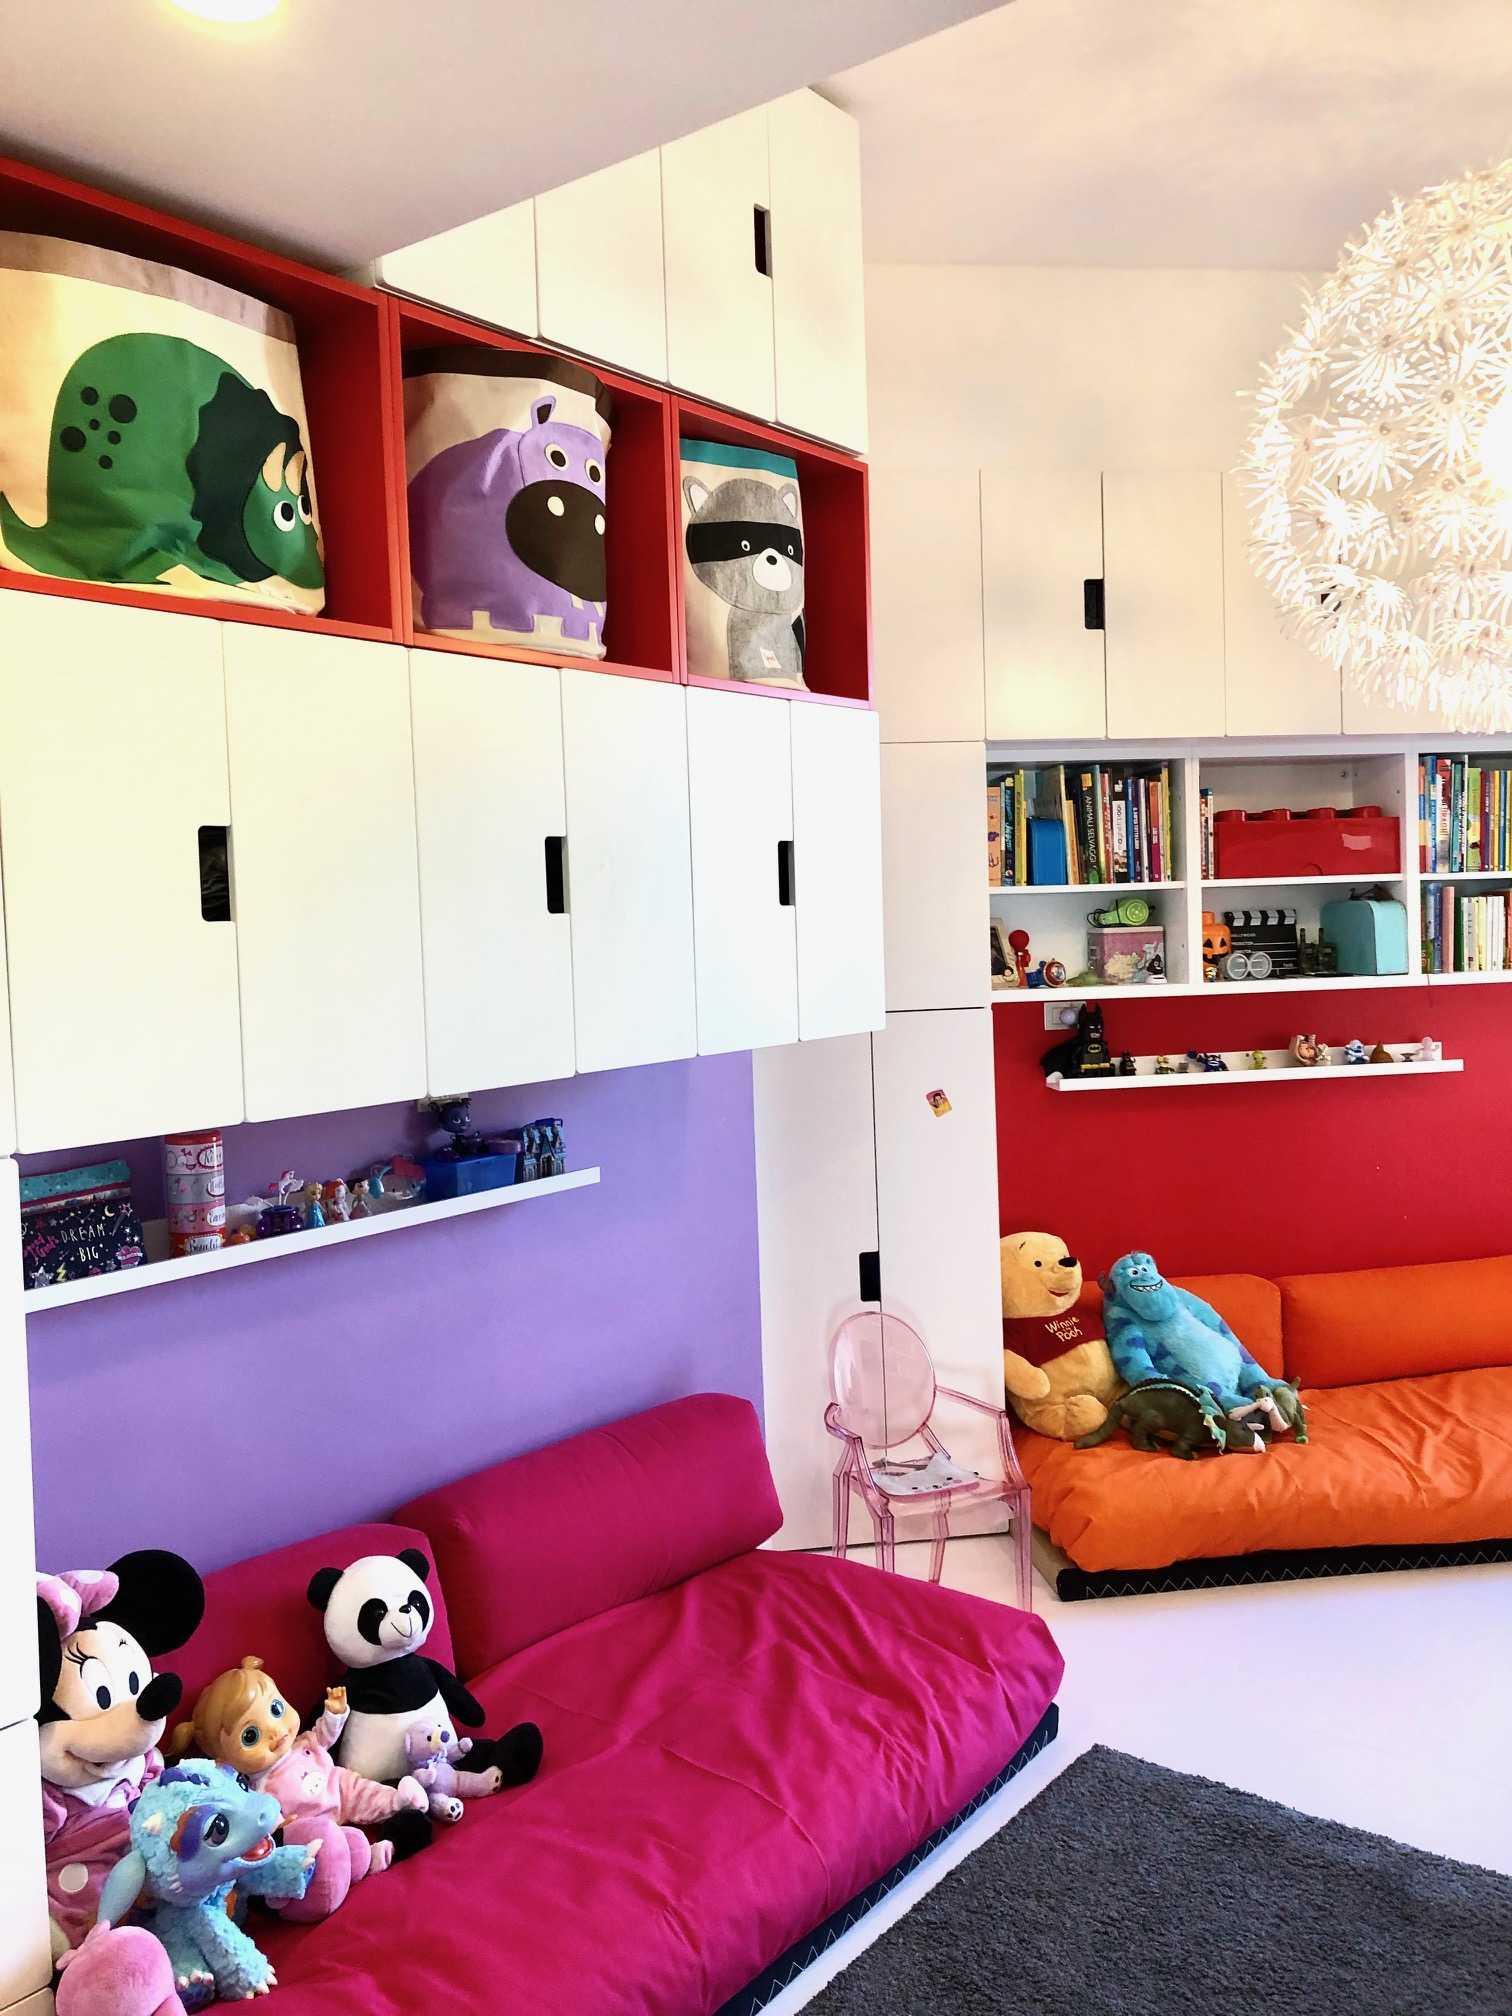 Camerette Tre Letti Ikea una camera per tre. come ho organizzato la cameretta per tre